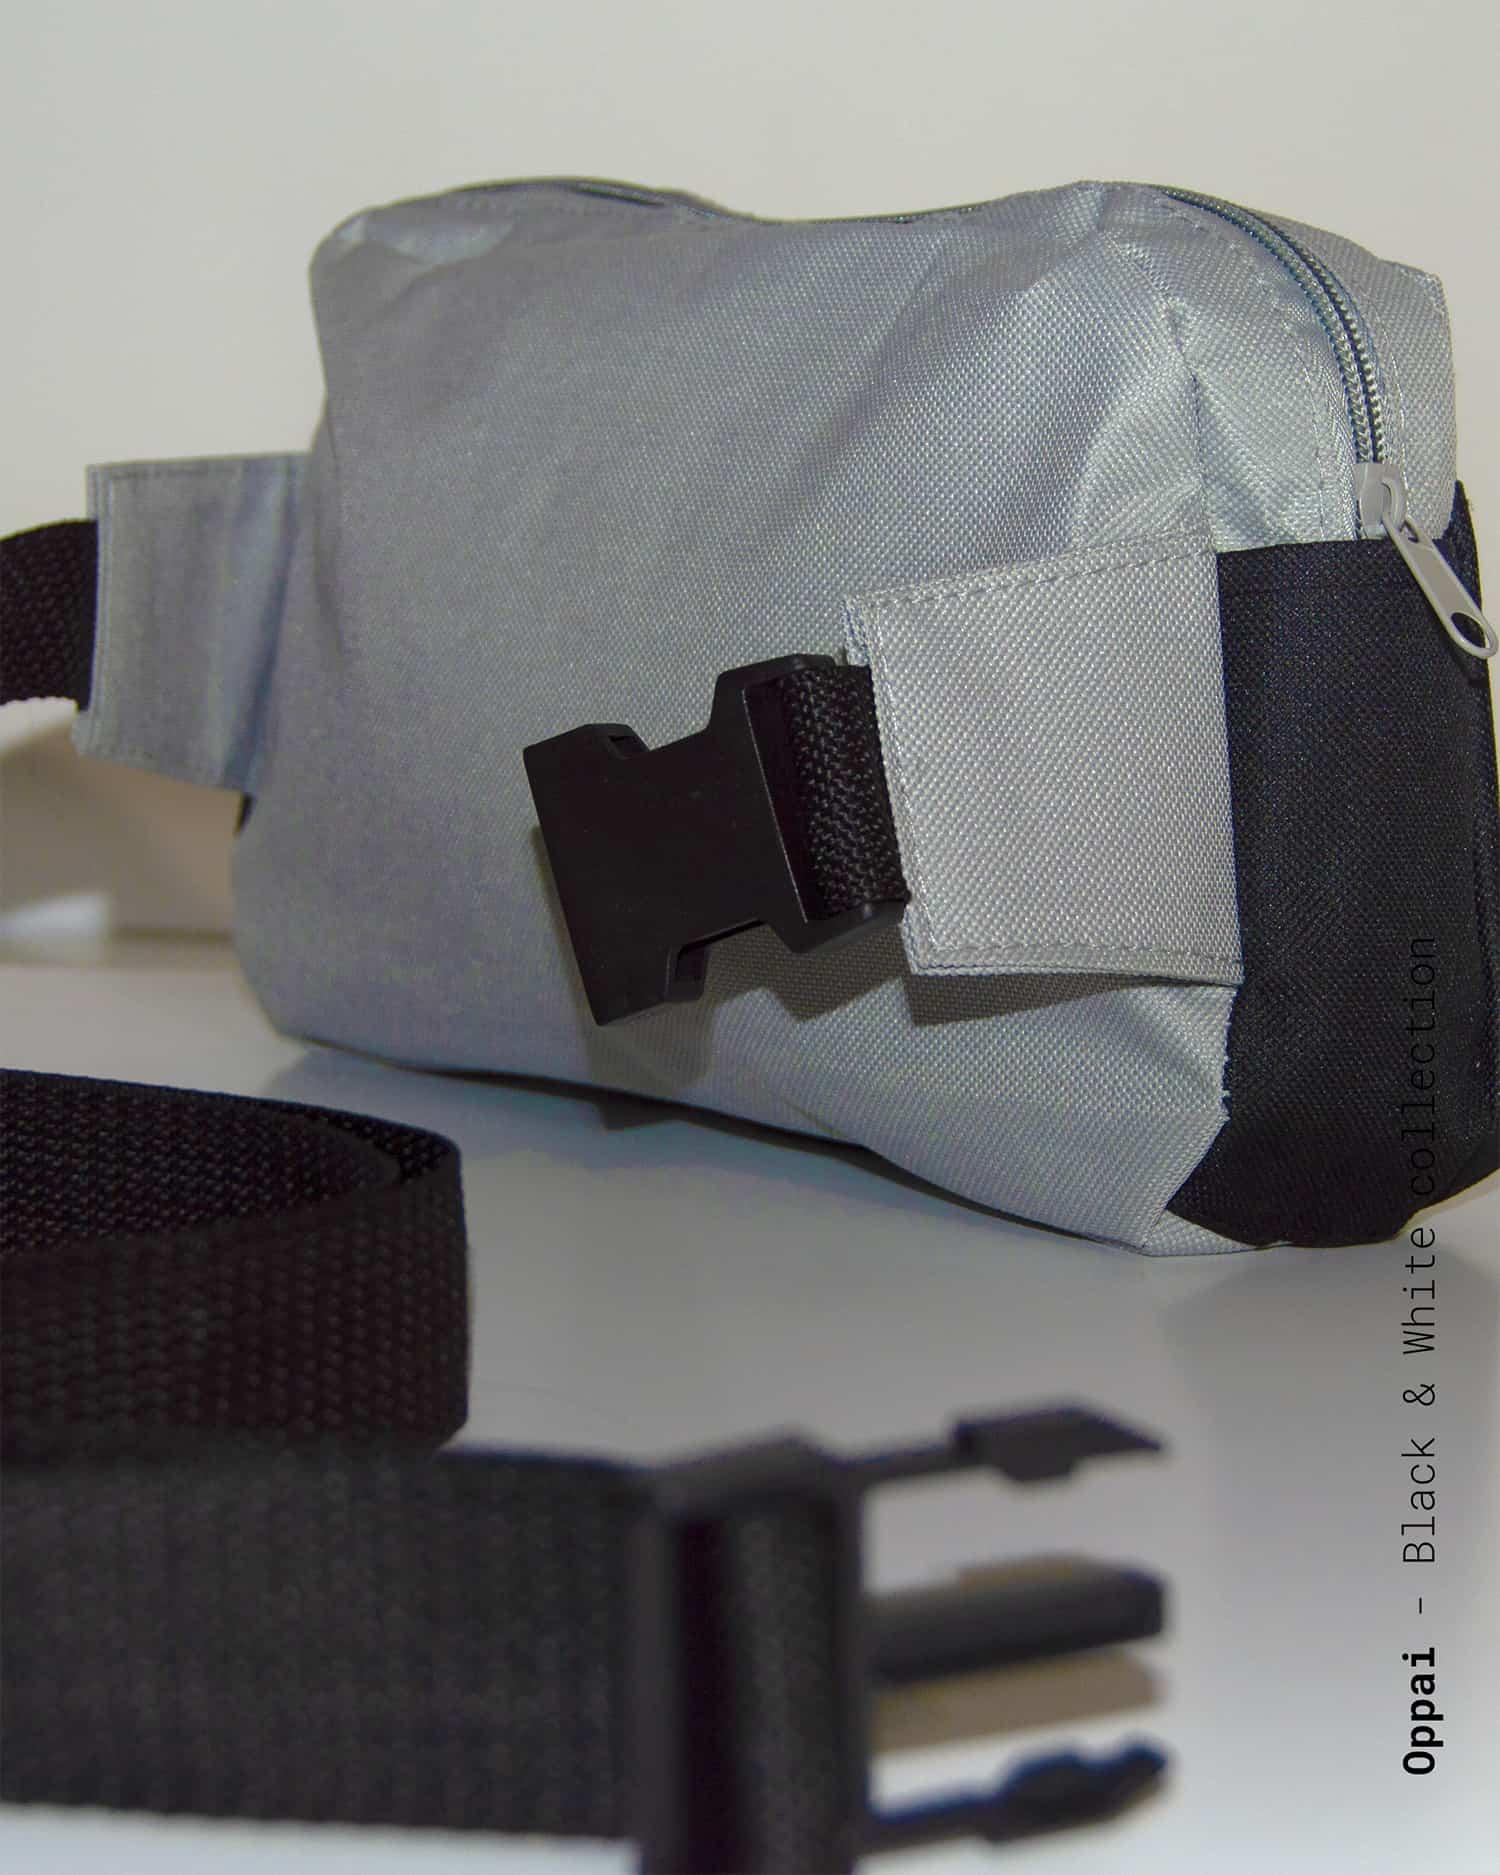 Sacoche noire et grise inspirée de One Punch Man.